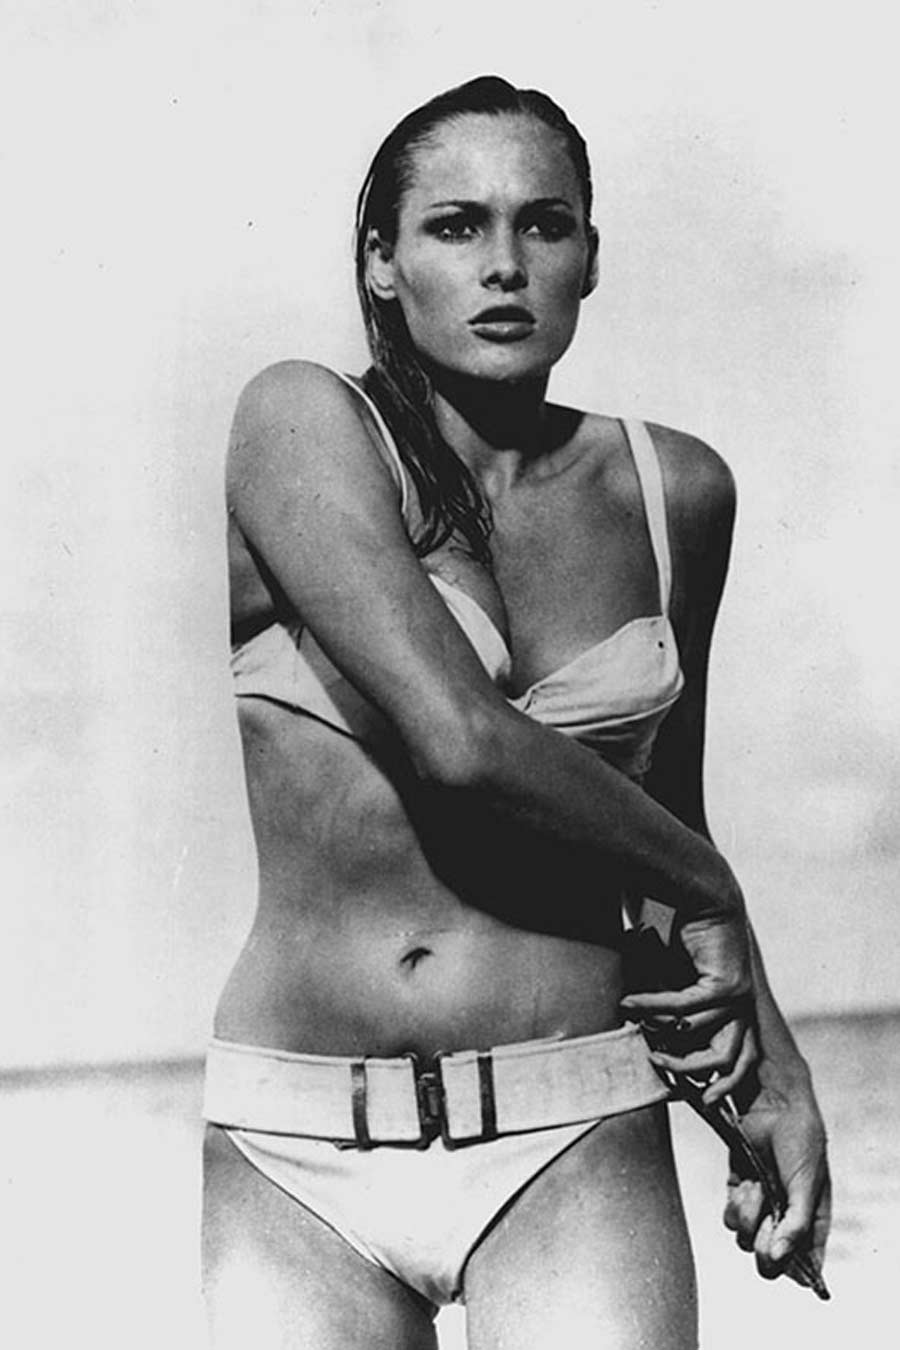 ursula-andress-bikini